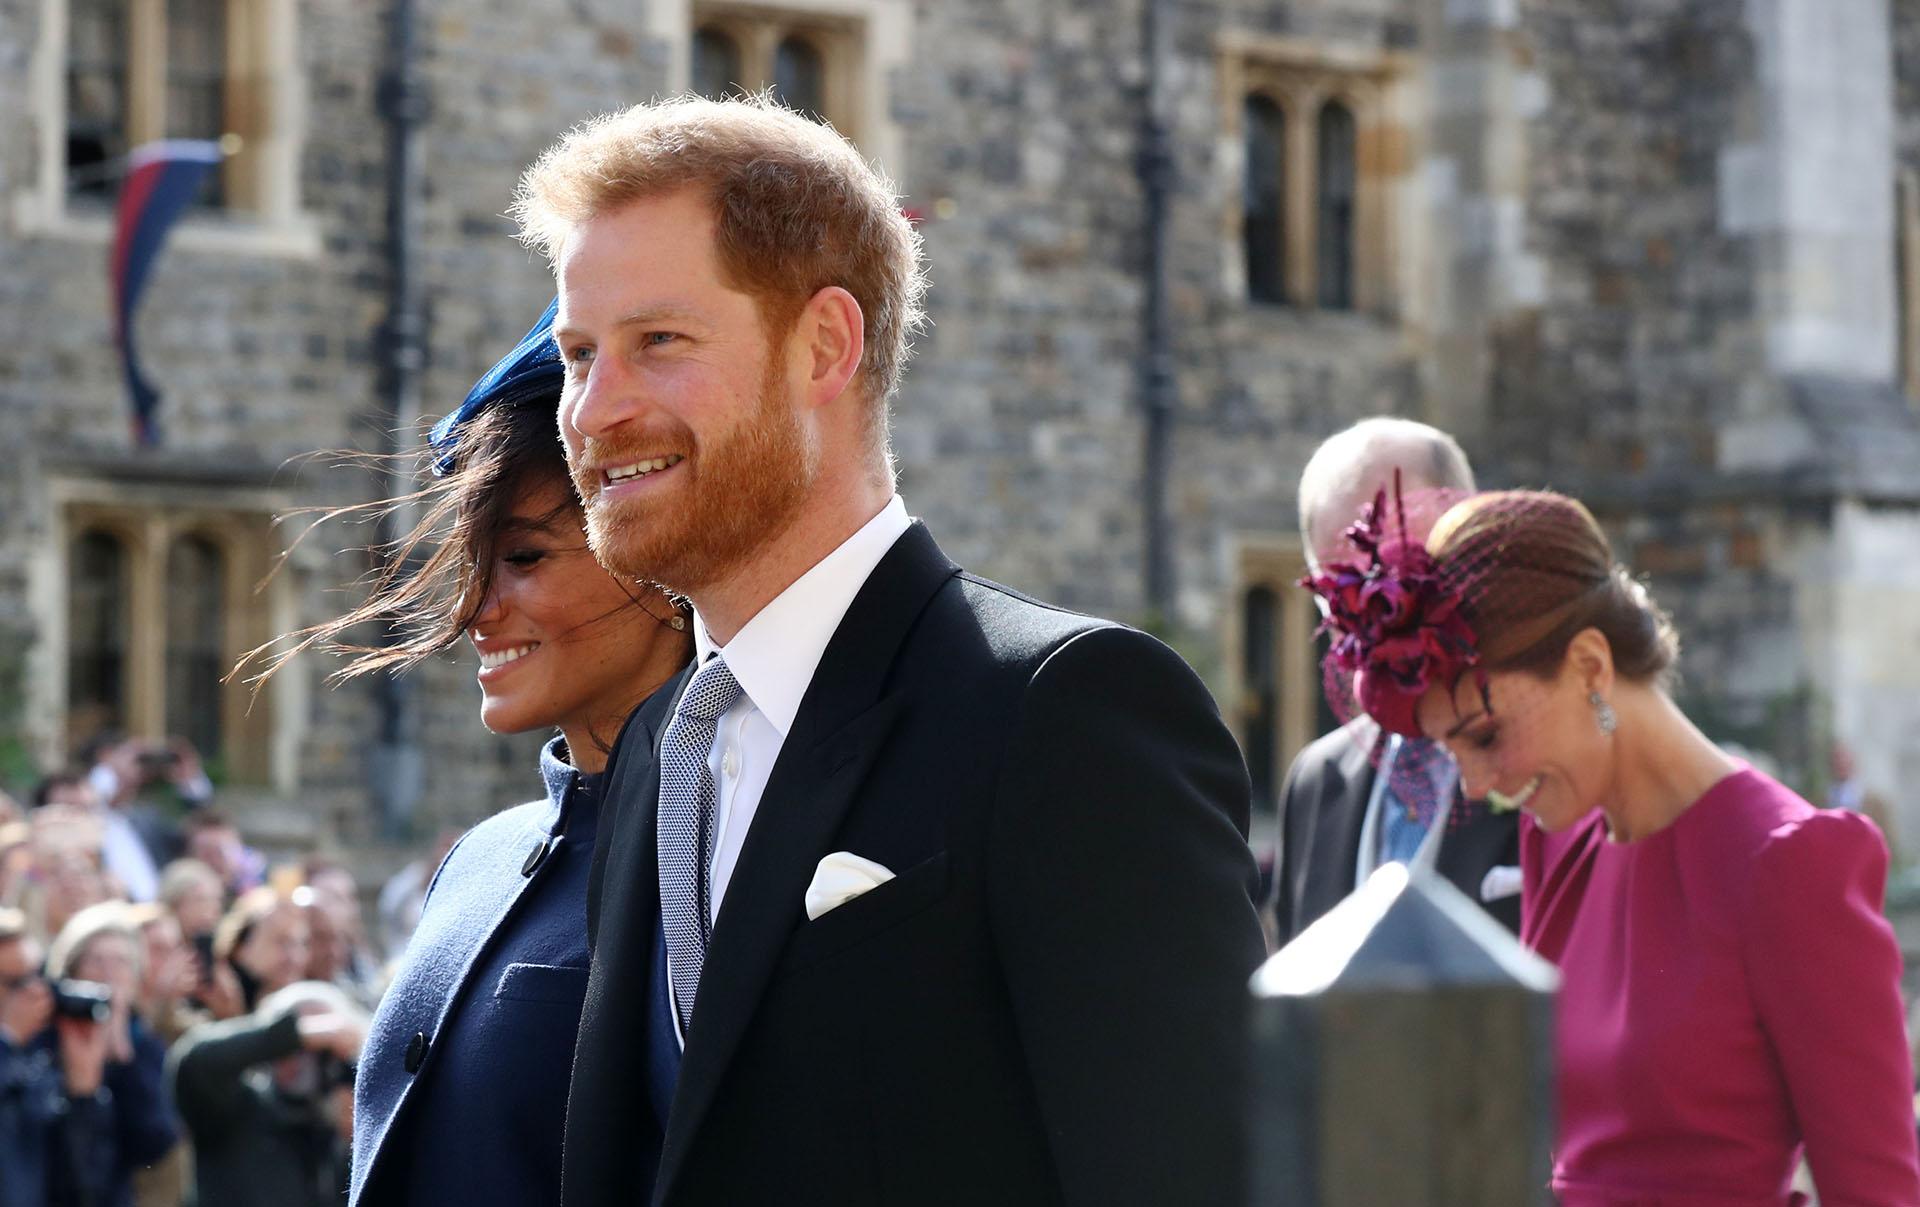 El príncipe Harry y Meghan Markle durante el casamiento de Eugenia (Gareth Fuller / POOL / AFP)